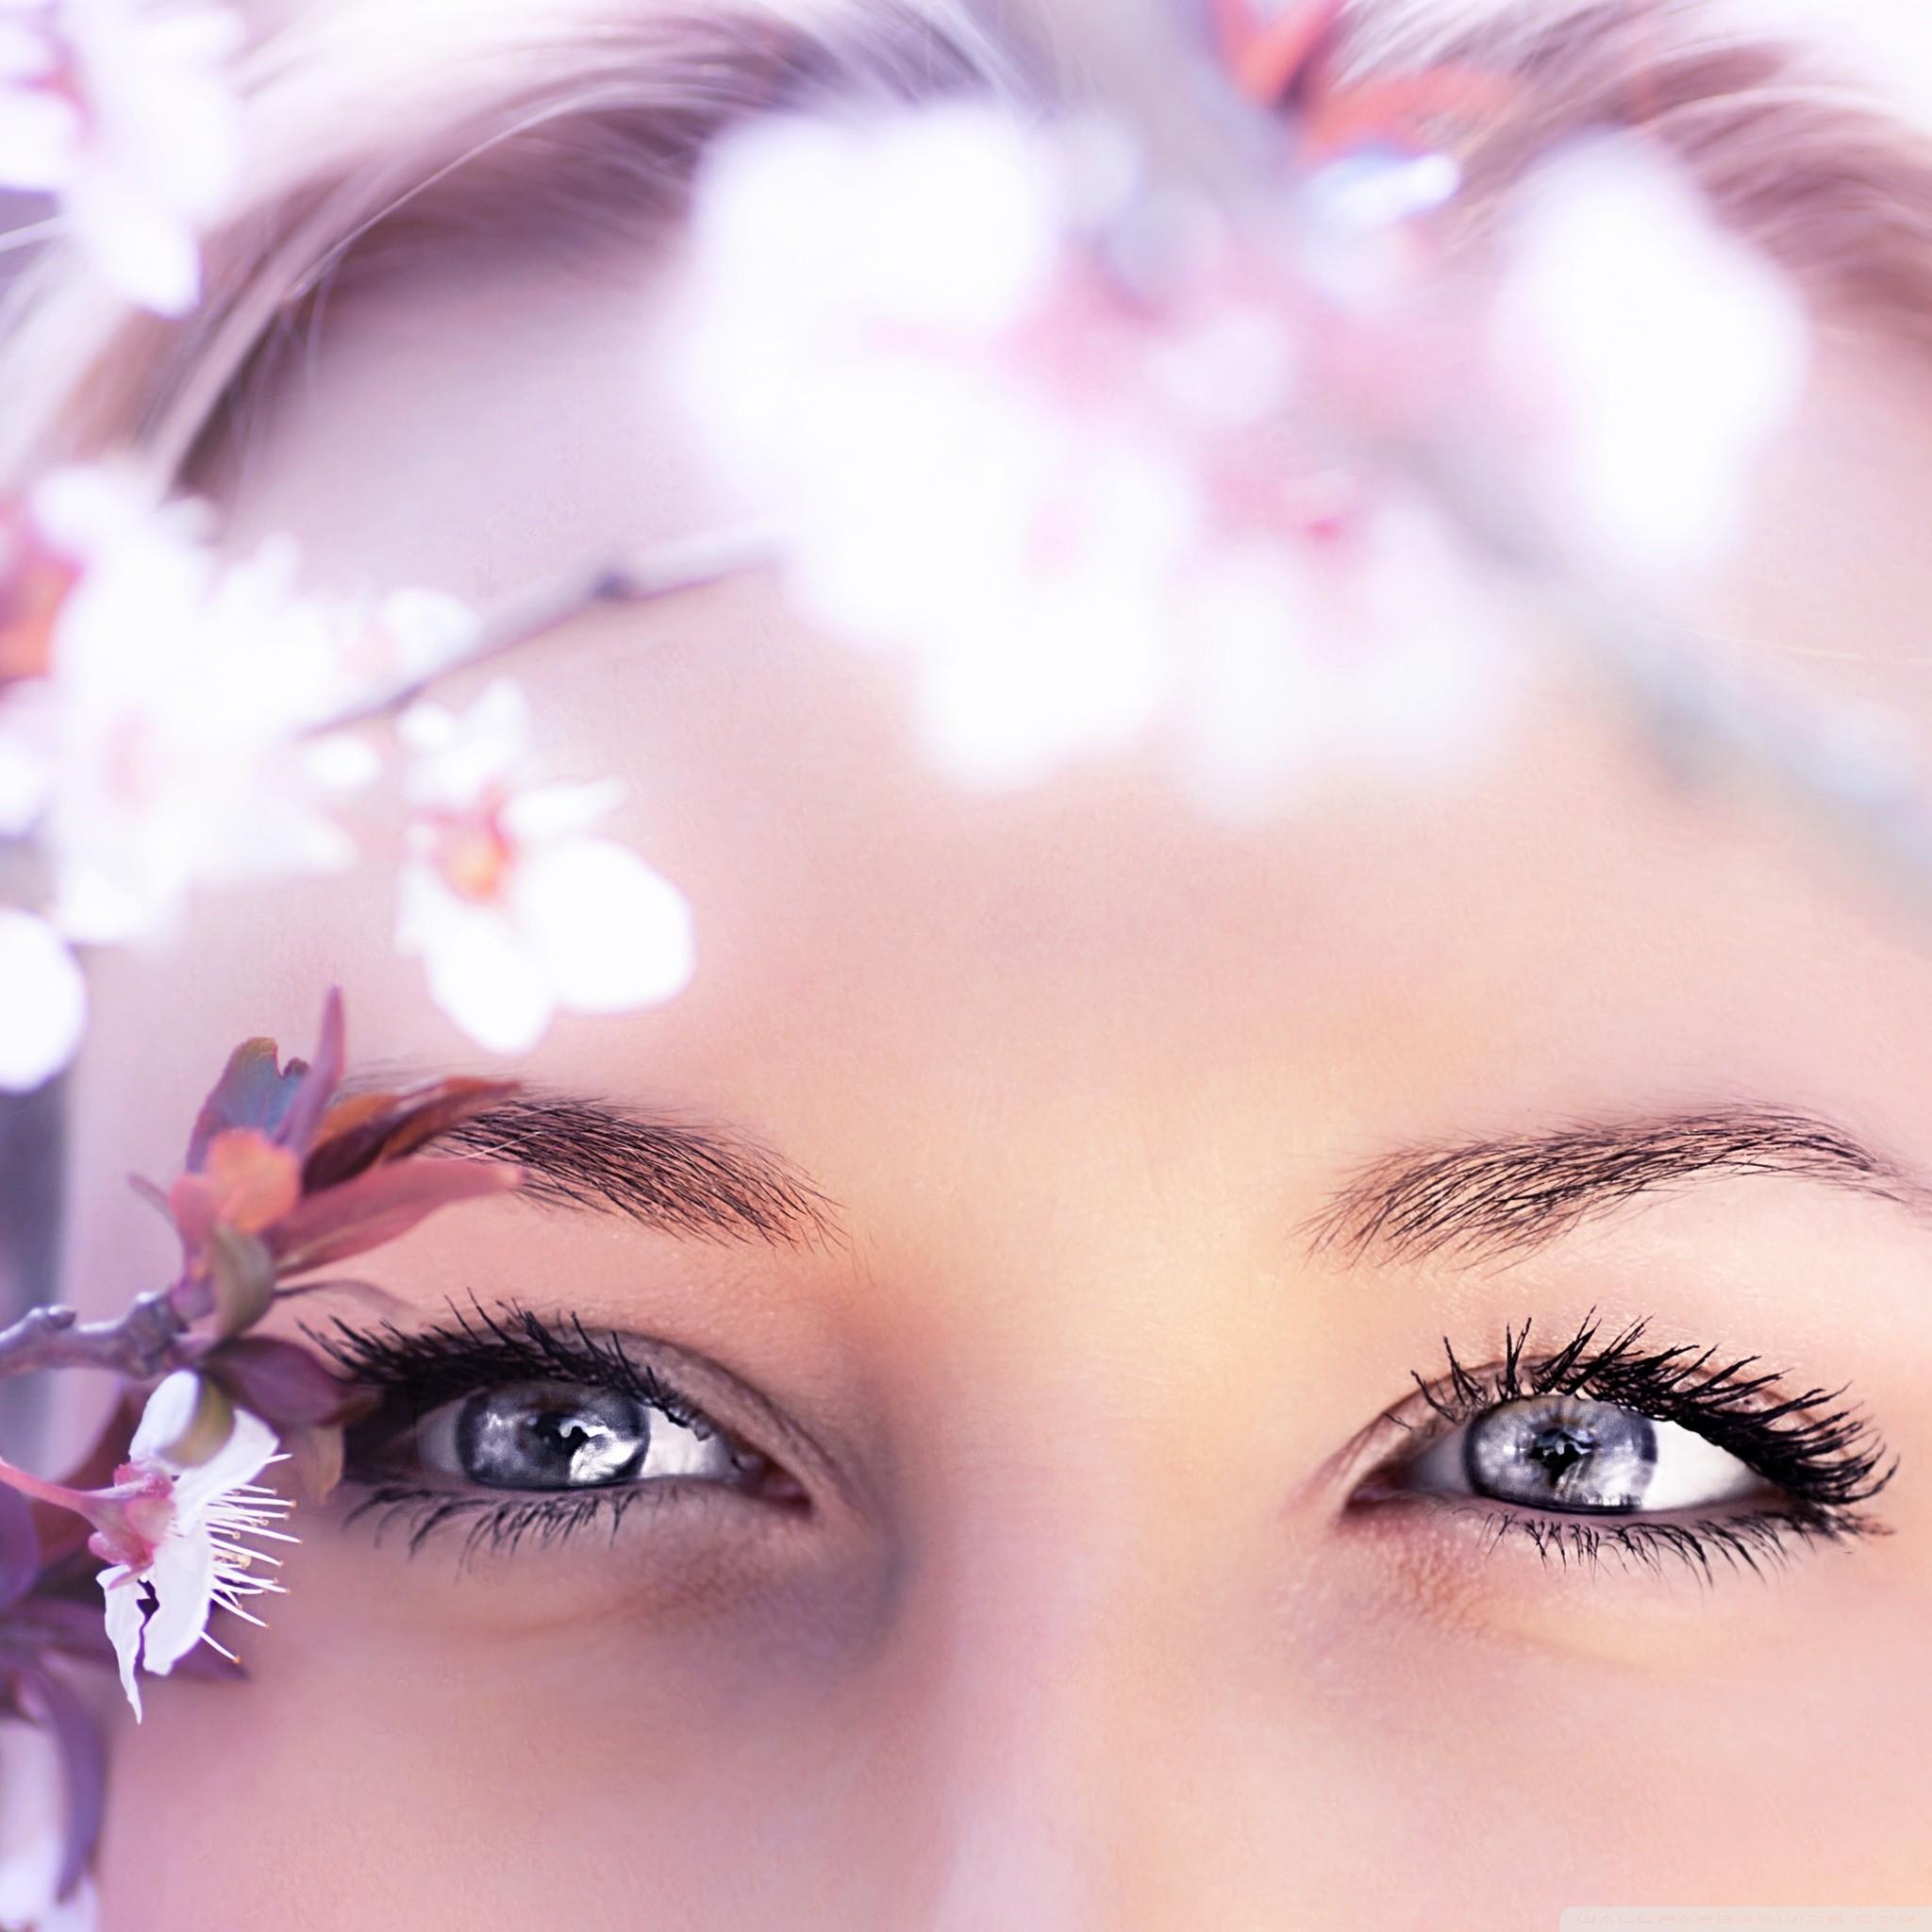 Primavera sfondi 46 immagini for Immagini per desktop primavera